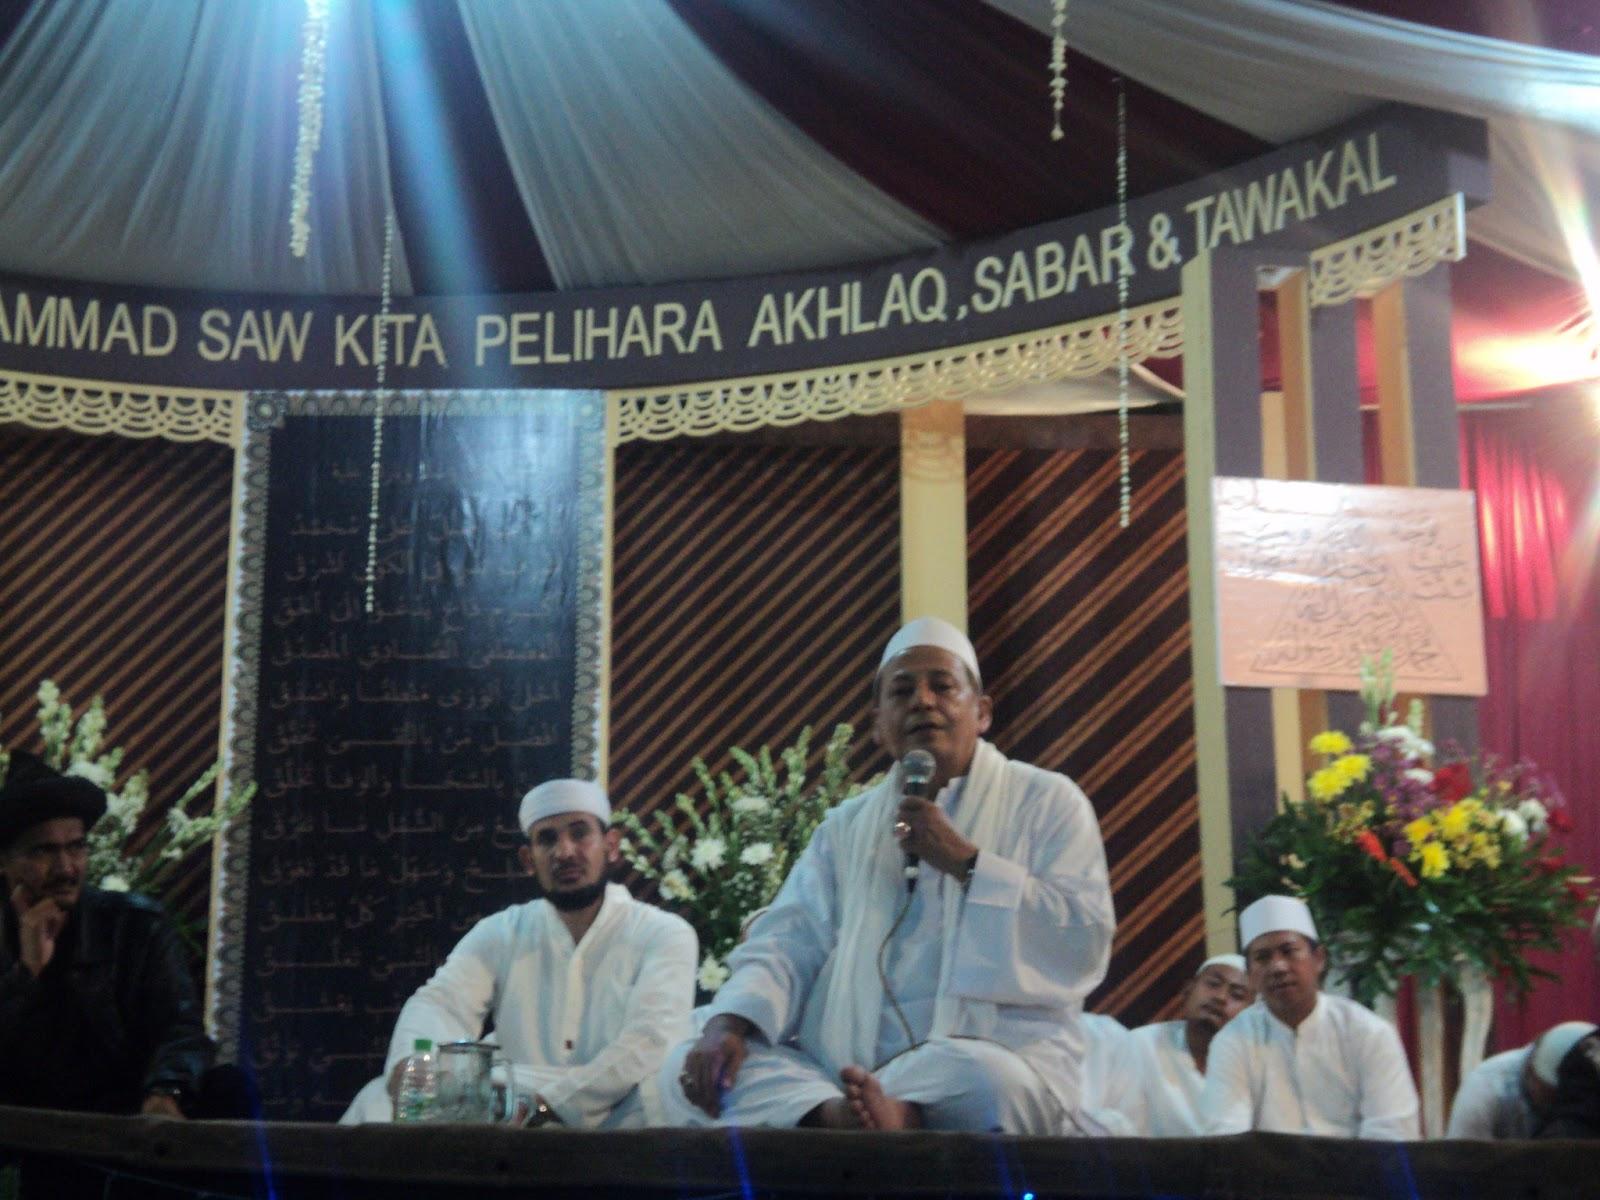 maulid nabi muhammad saw dengan mengangkat tema maulid nabi muhammad